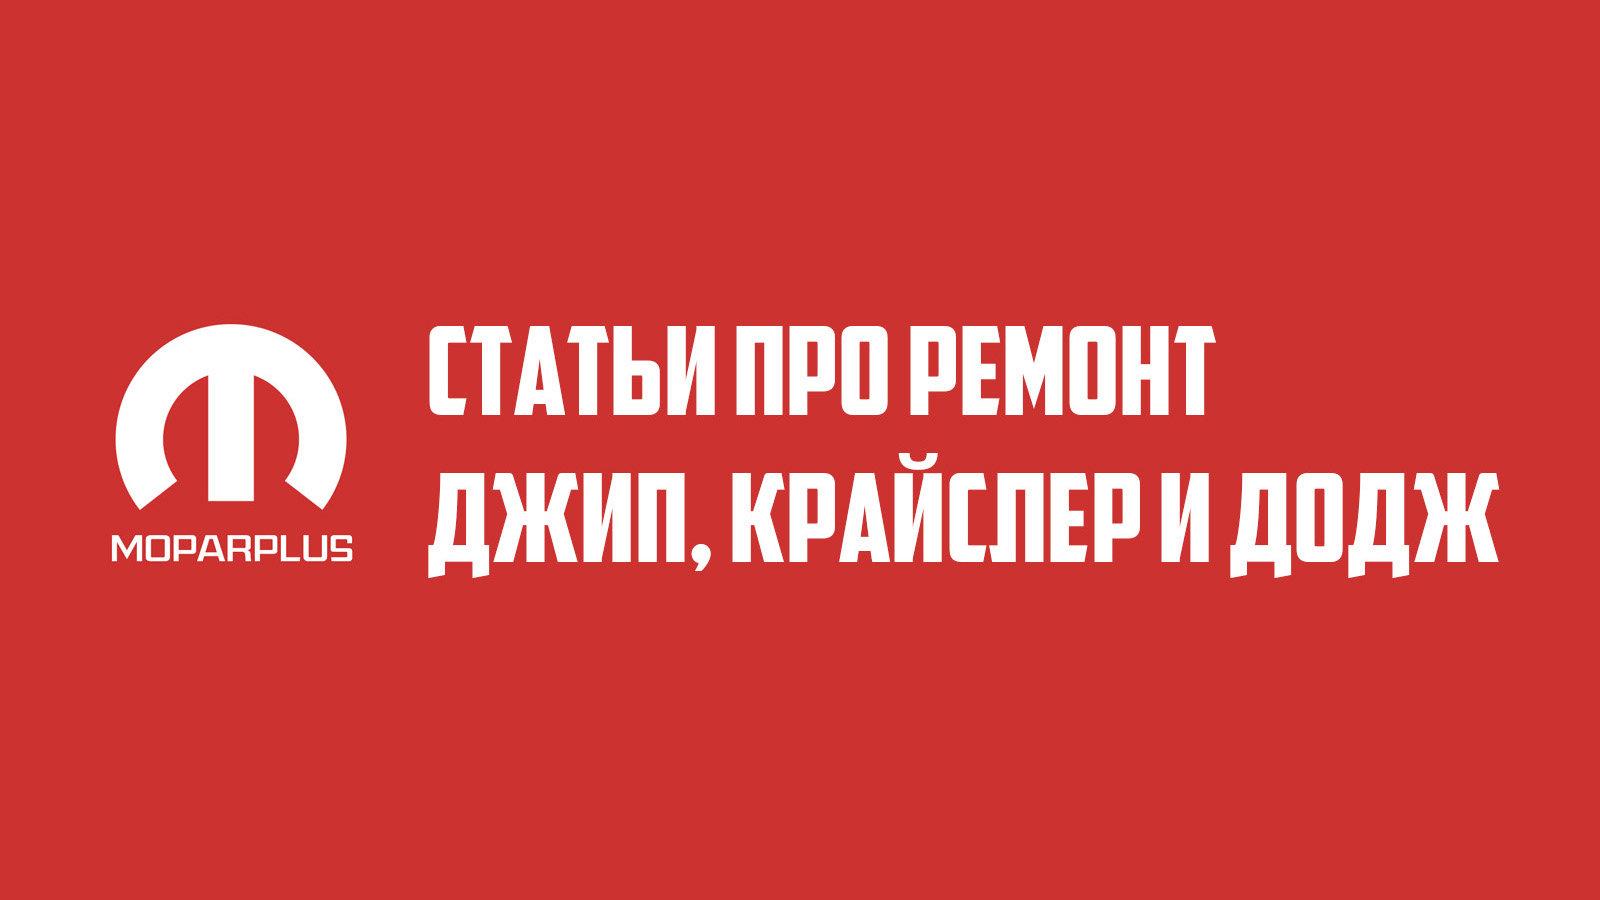 Статьи про ремонт. Выпуск №42.